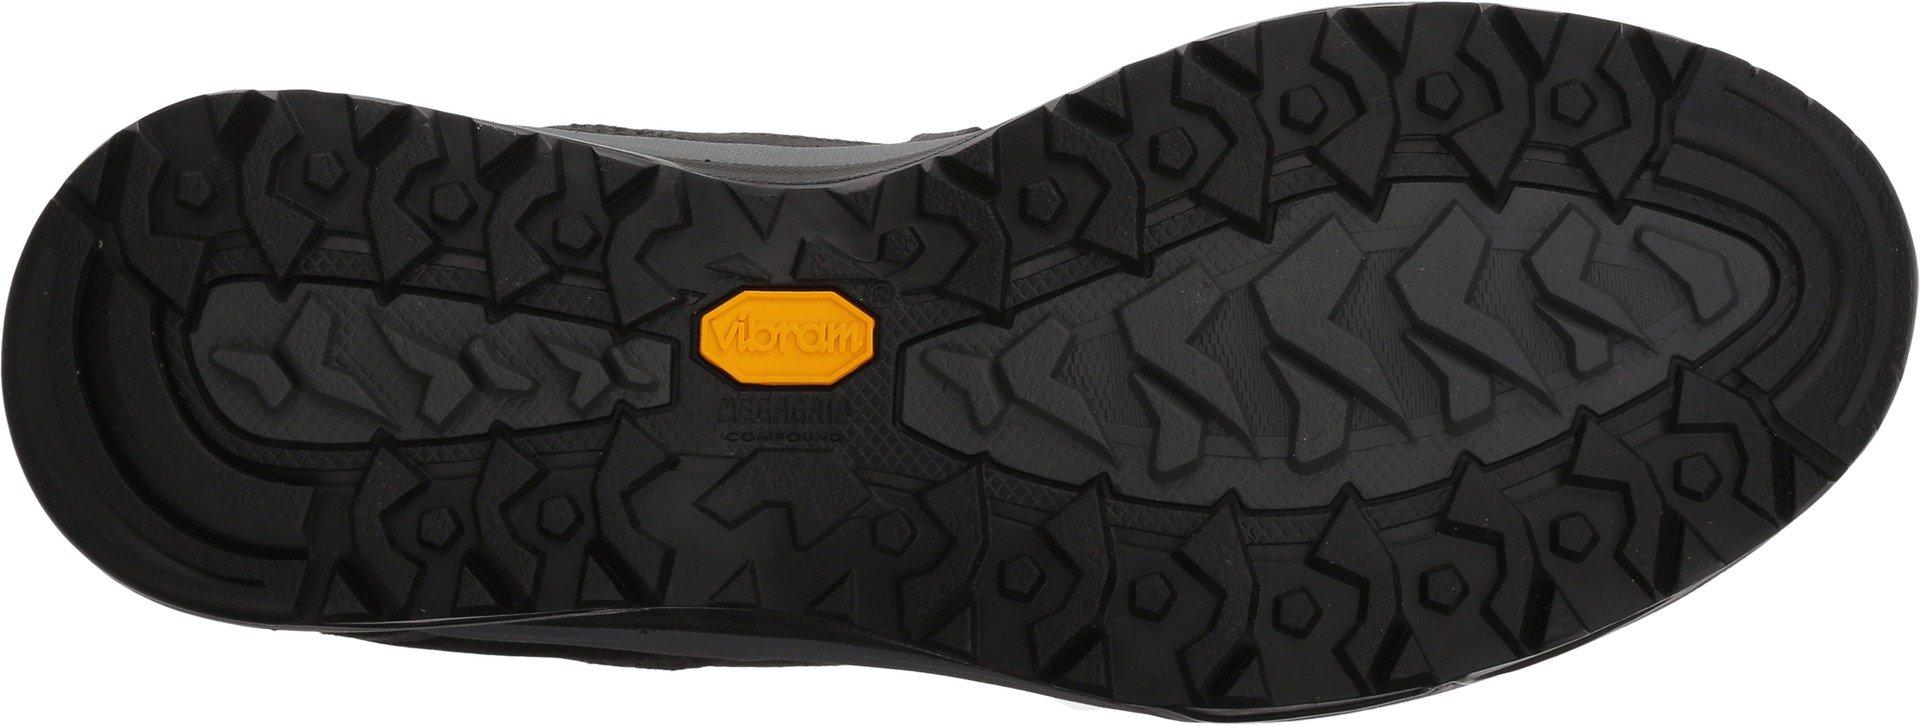 Asolo Women's Megaton GV Hiking Shoe Graphite Stone/Cyan Blue - 7.5 by Asolo (Image #3)